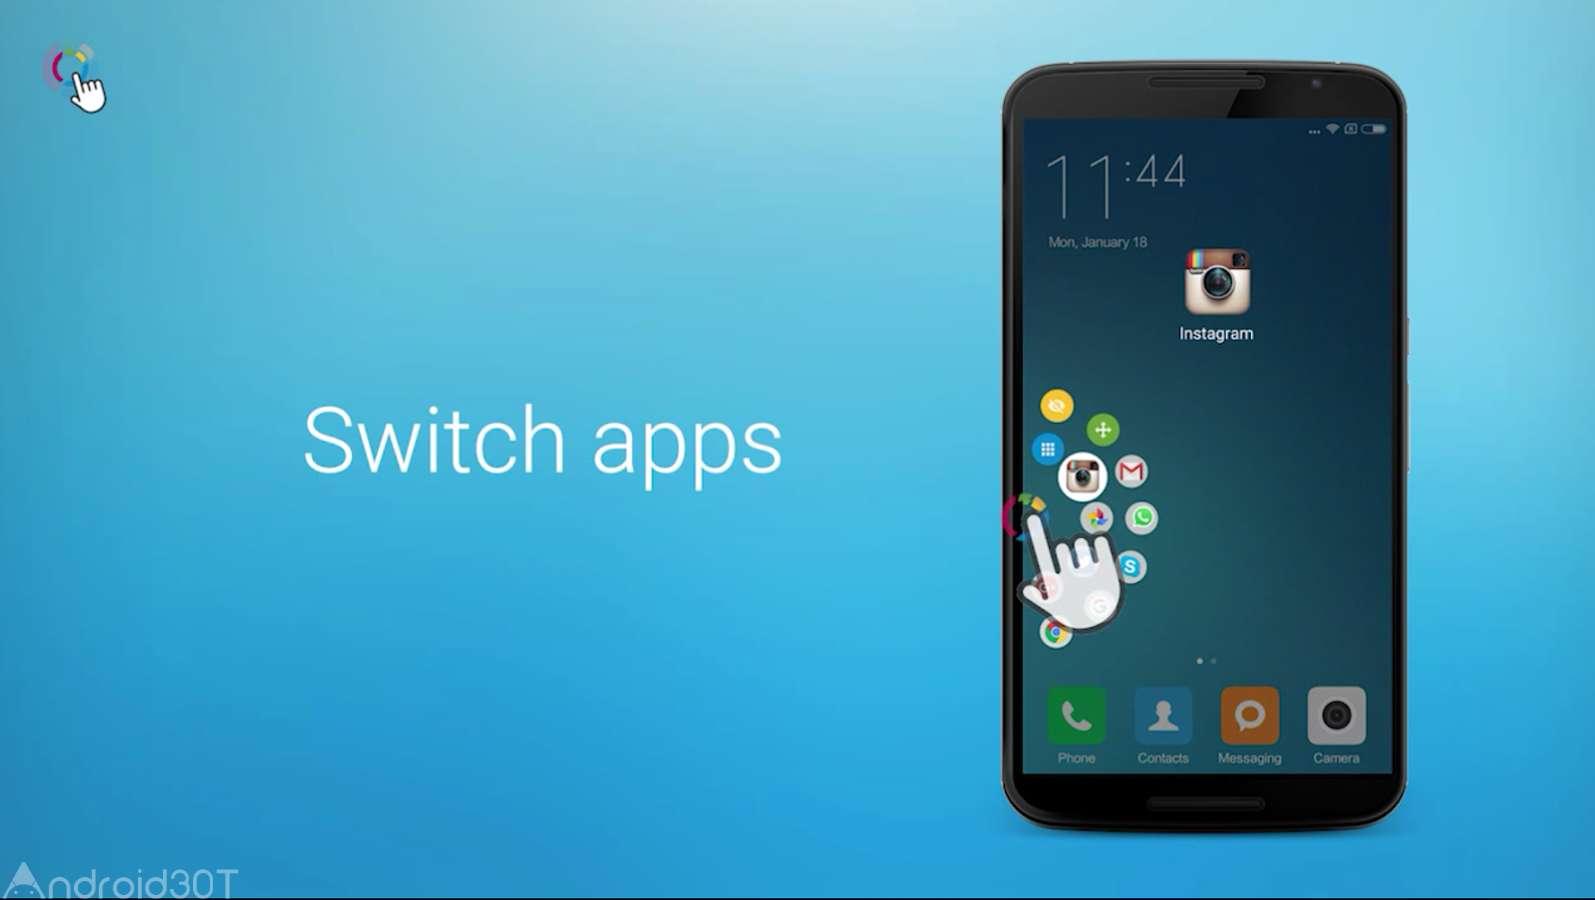 برنامه اسکرین شات گرفتن از صفحه fooview دستیار لمسی هوشمند